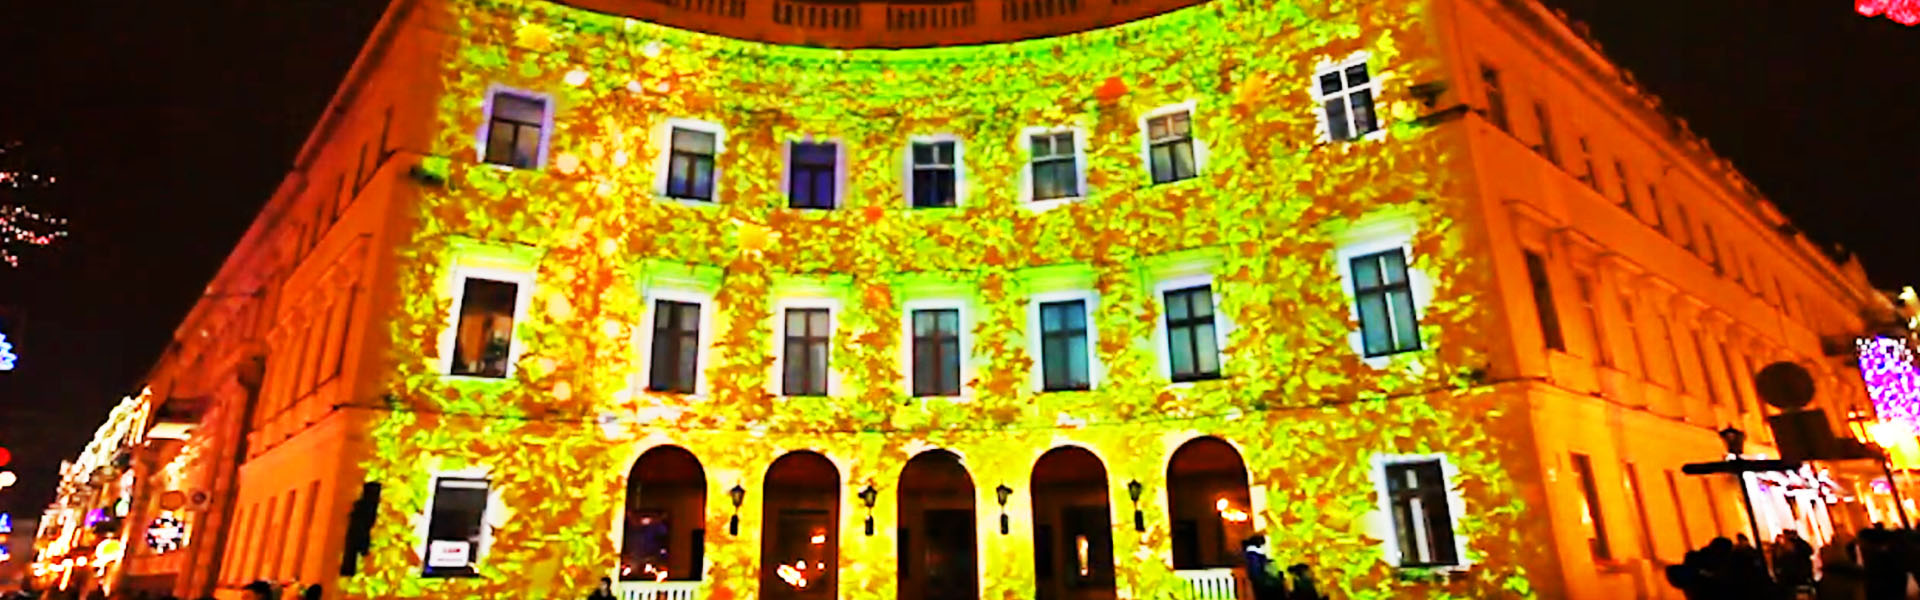 Новогоднее 3D шоу на фасаде театра оперы и балета в Киеве и Приморском бульваре в Одессе